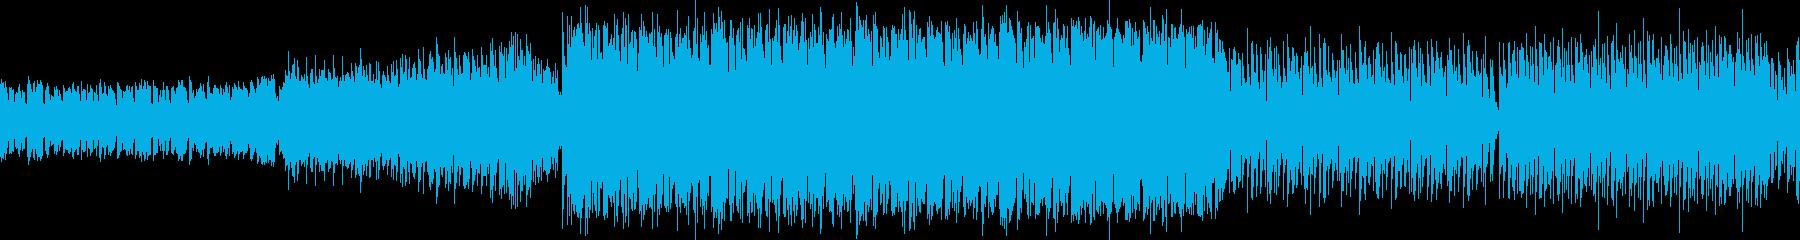 激しい闘志エキサイティングEDM・ループの再生済みの波形